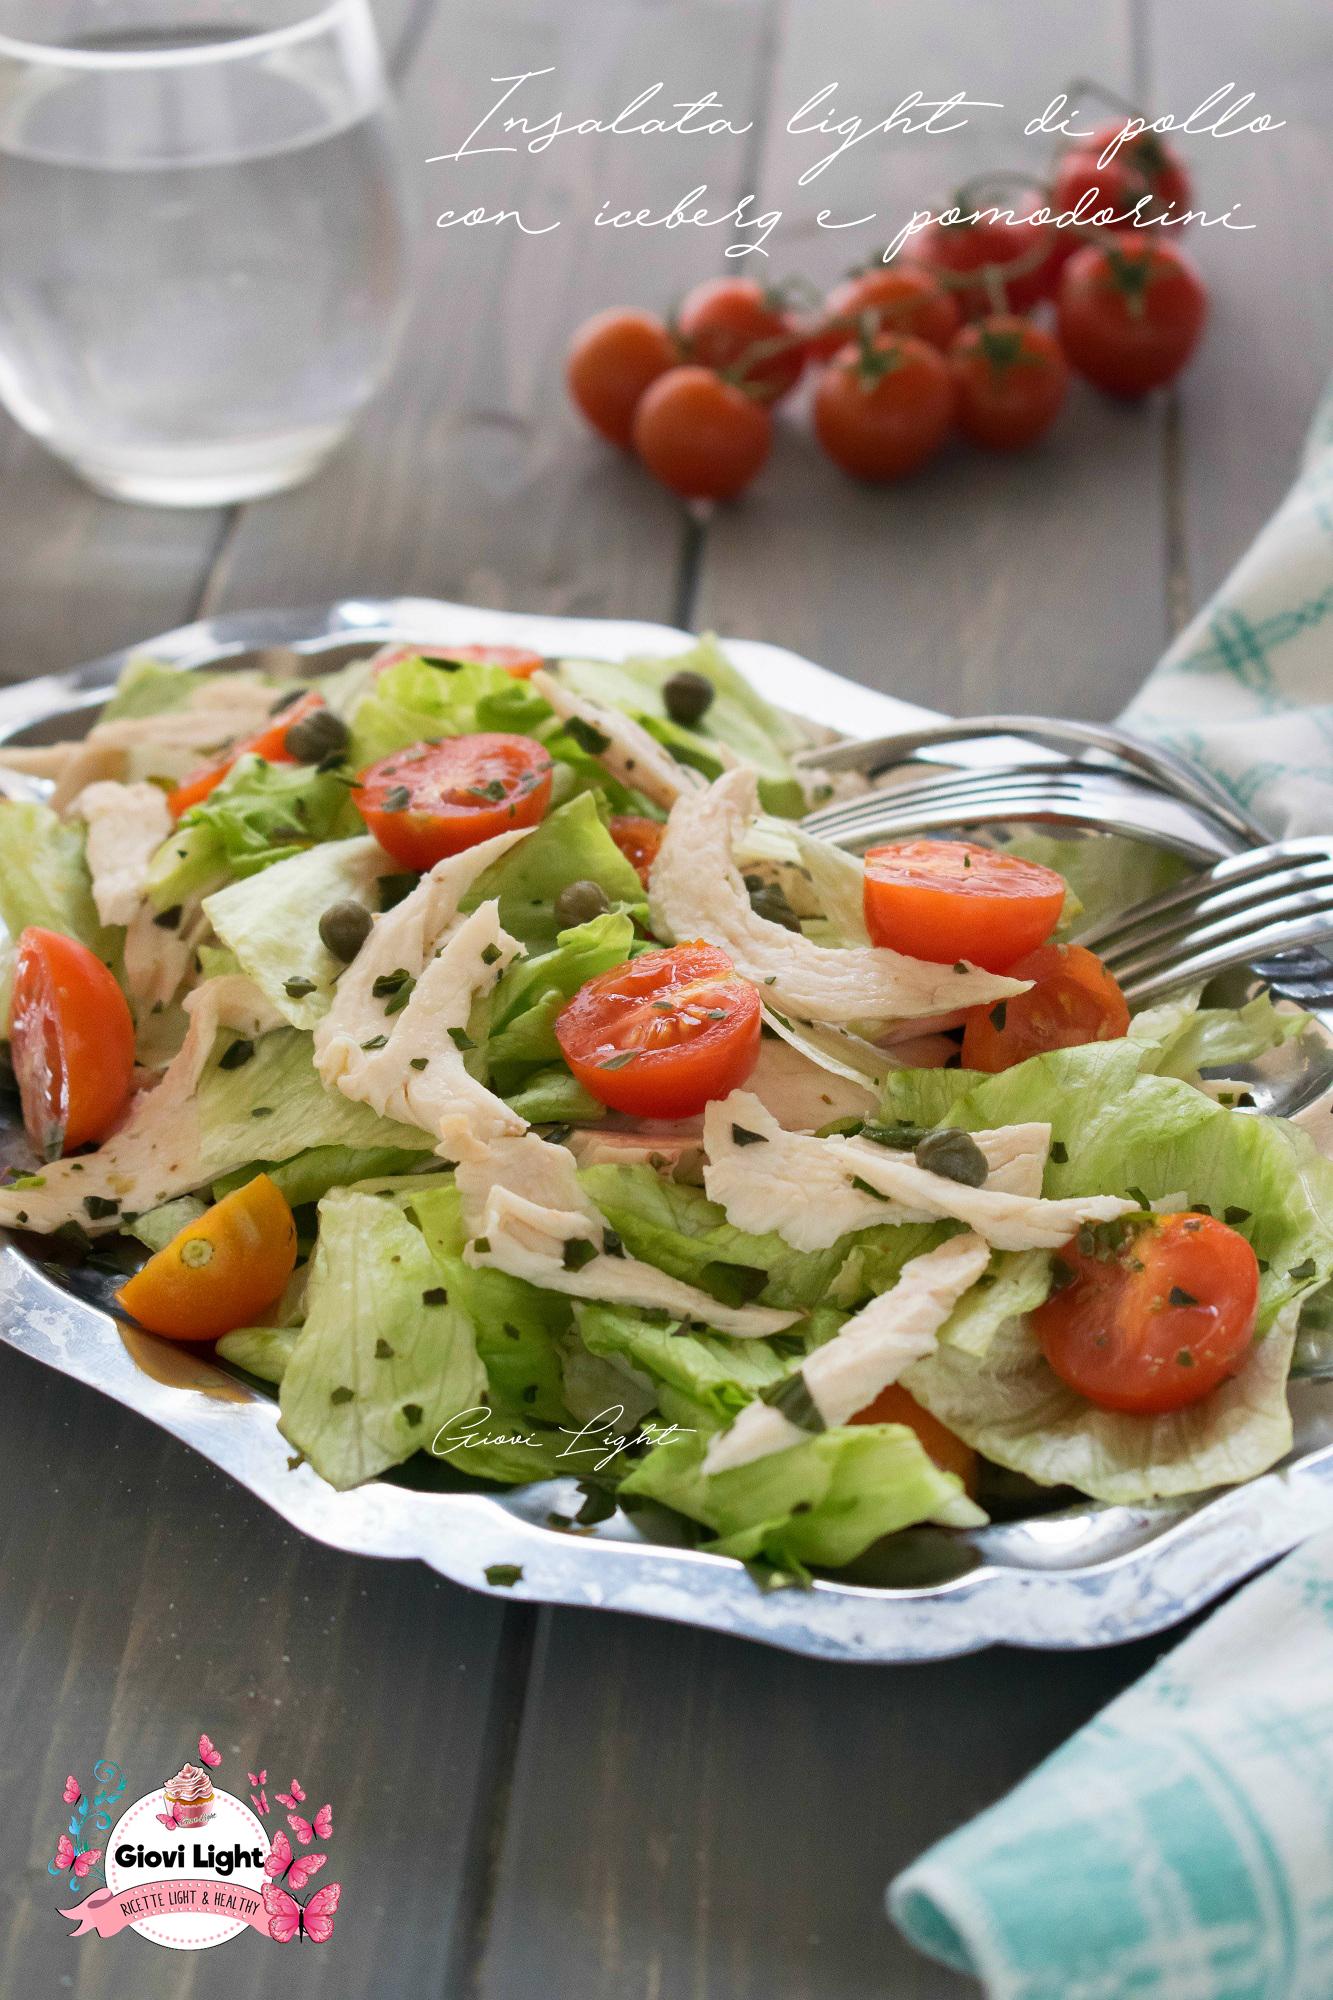 Insalata light di pollo con iceberg e pomodorini